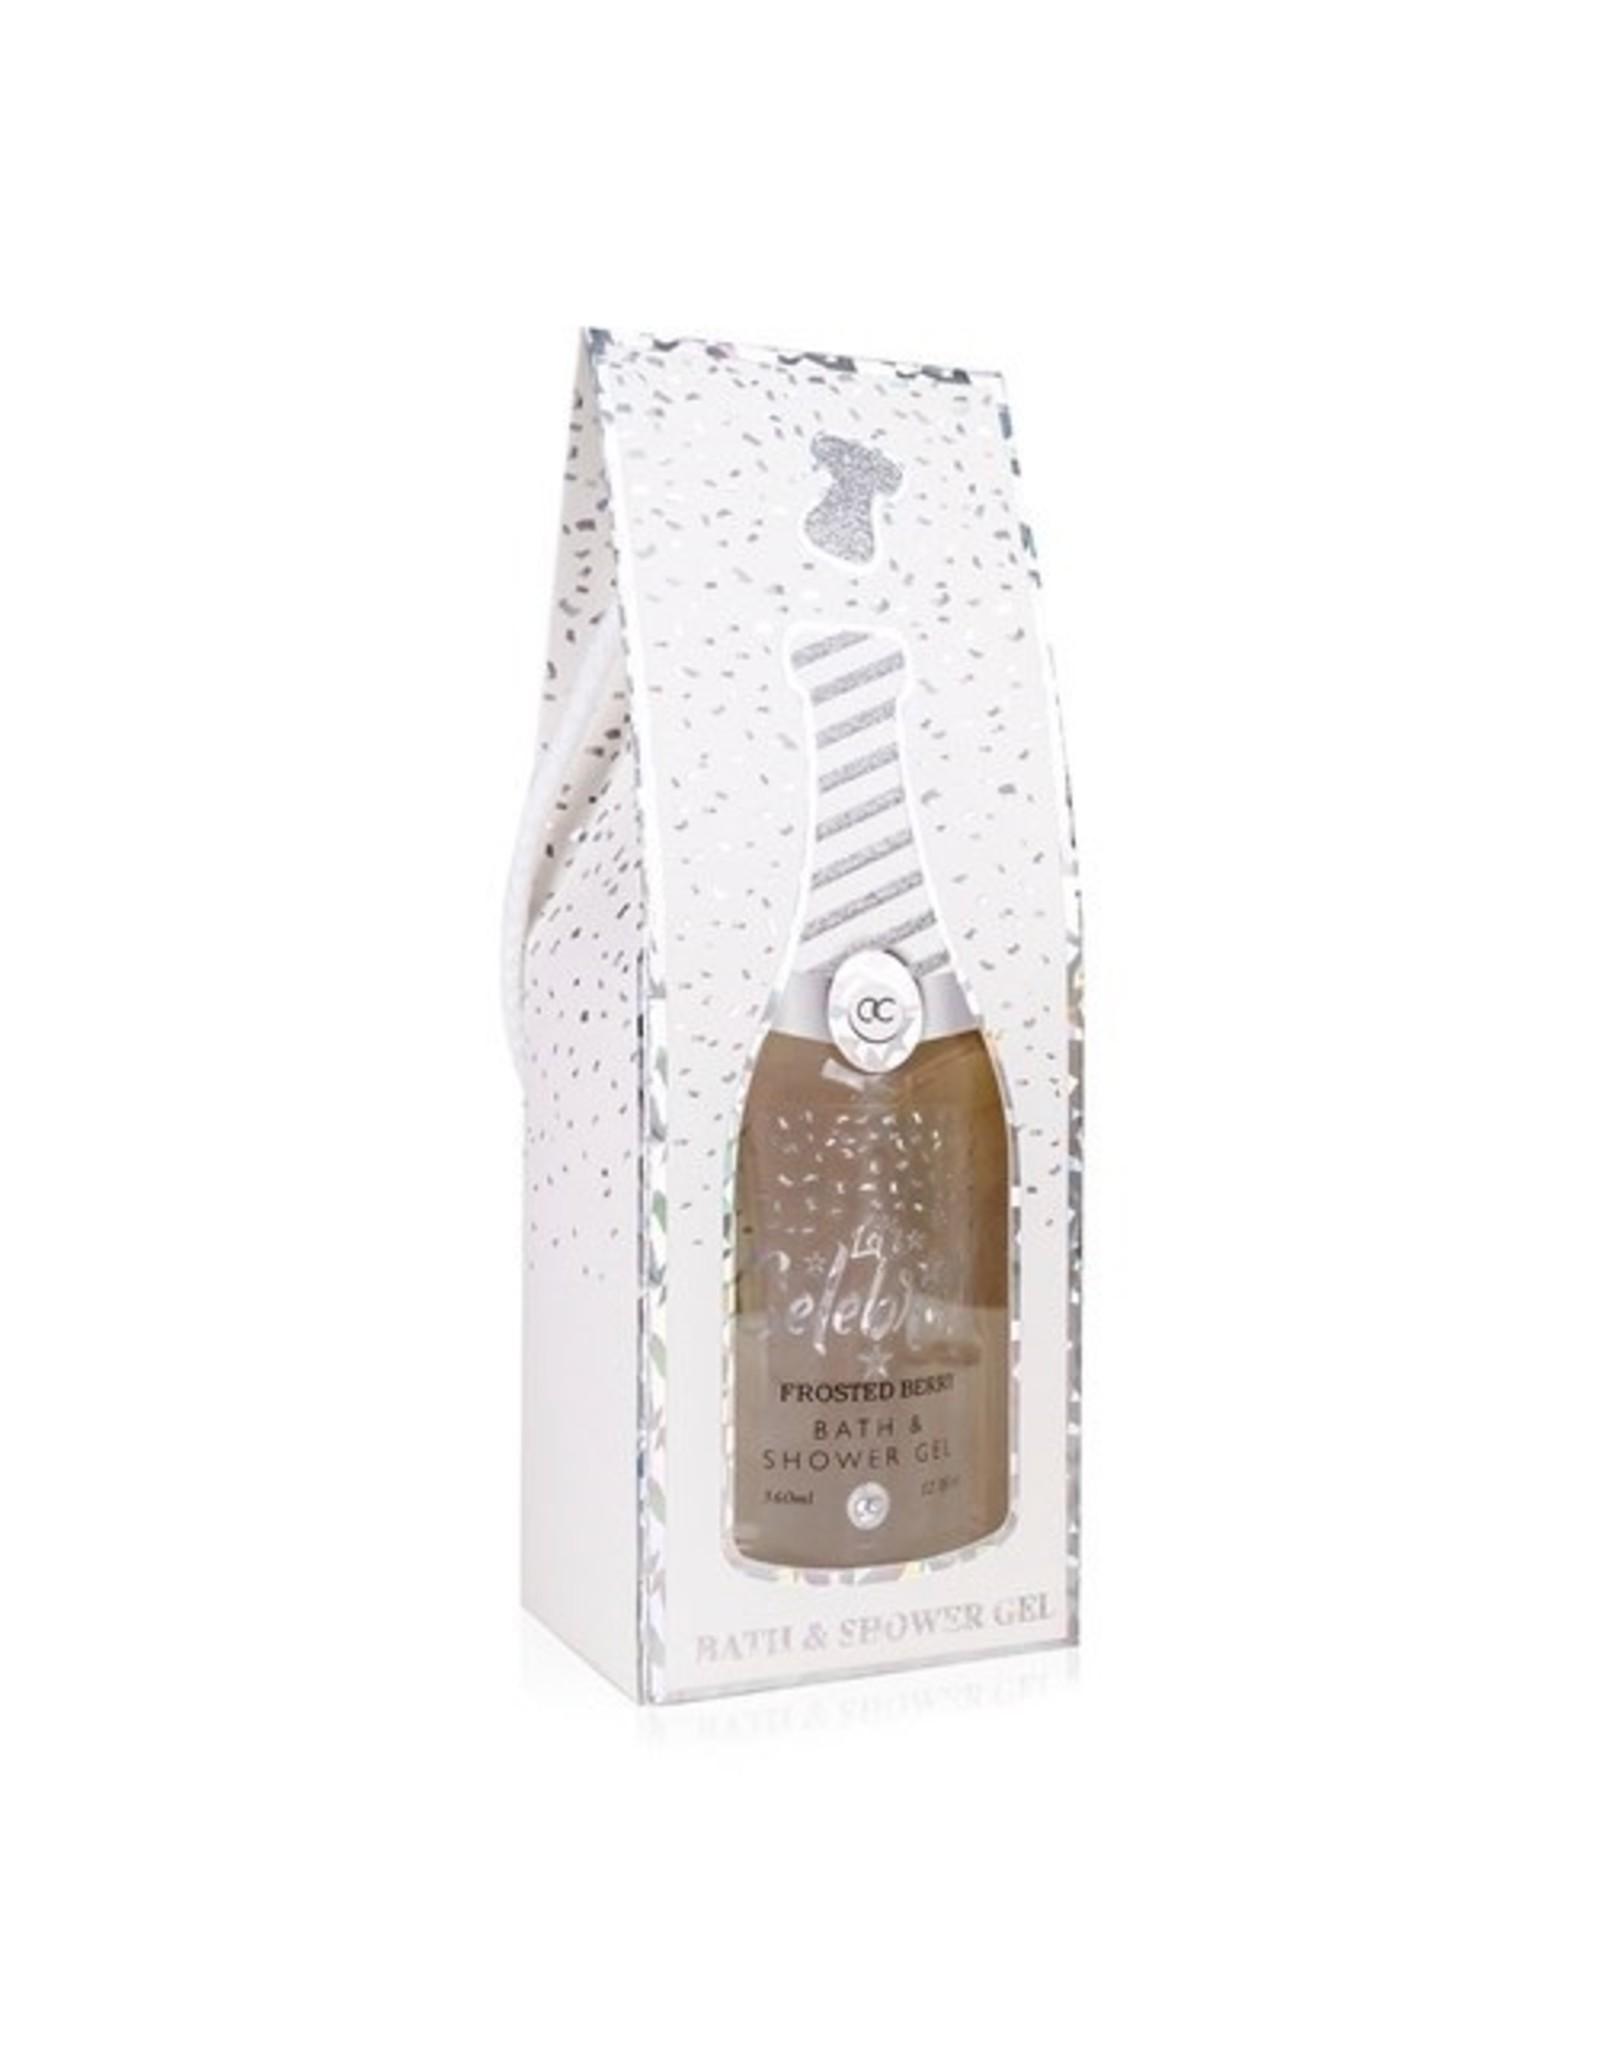 Bad- en douchegel LET'S CELEBRATE 360 - Body & Soap